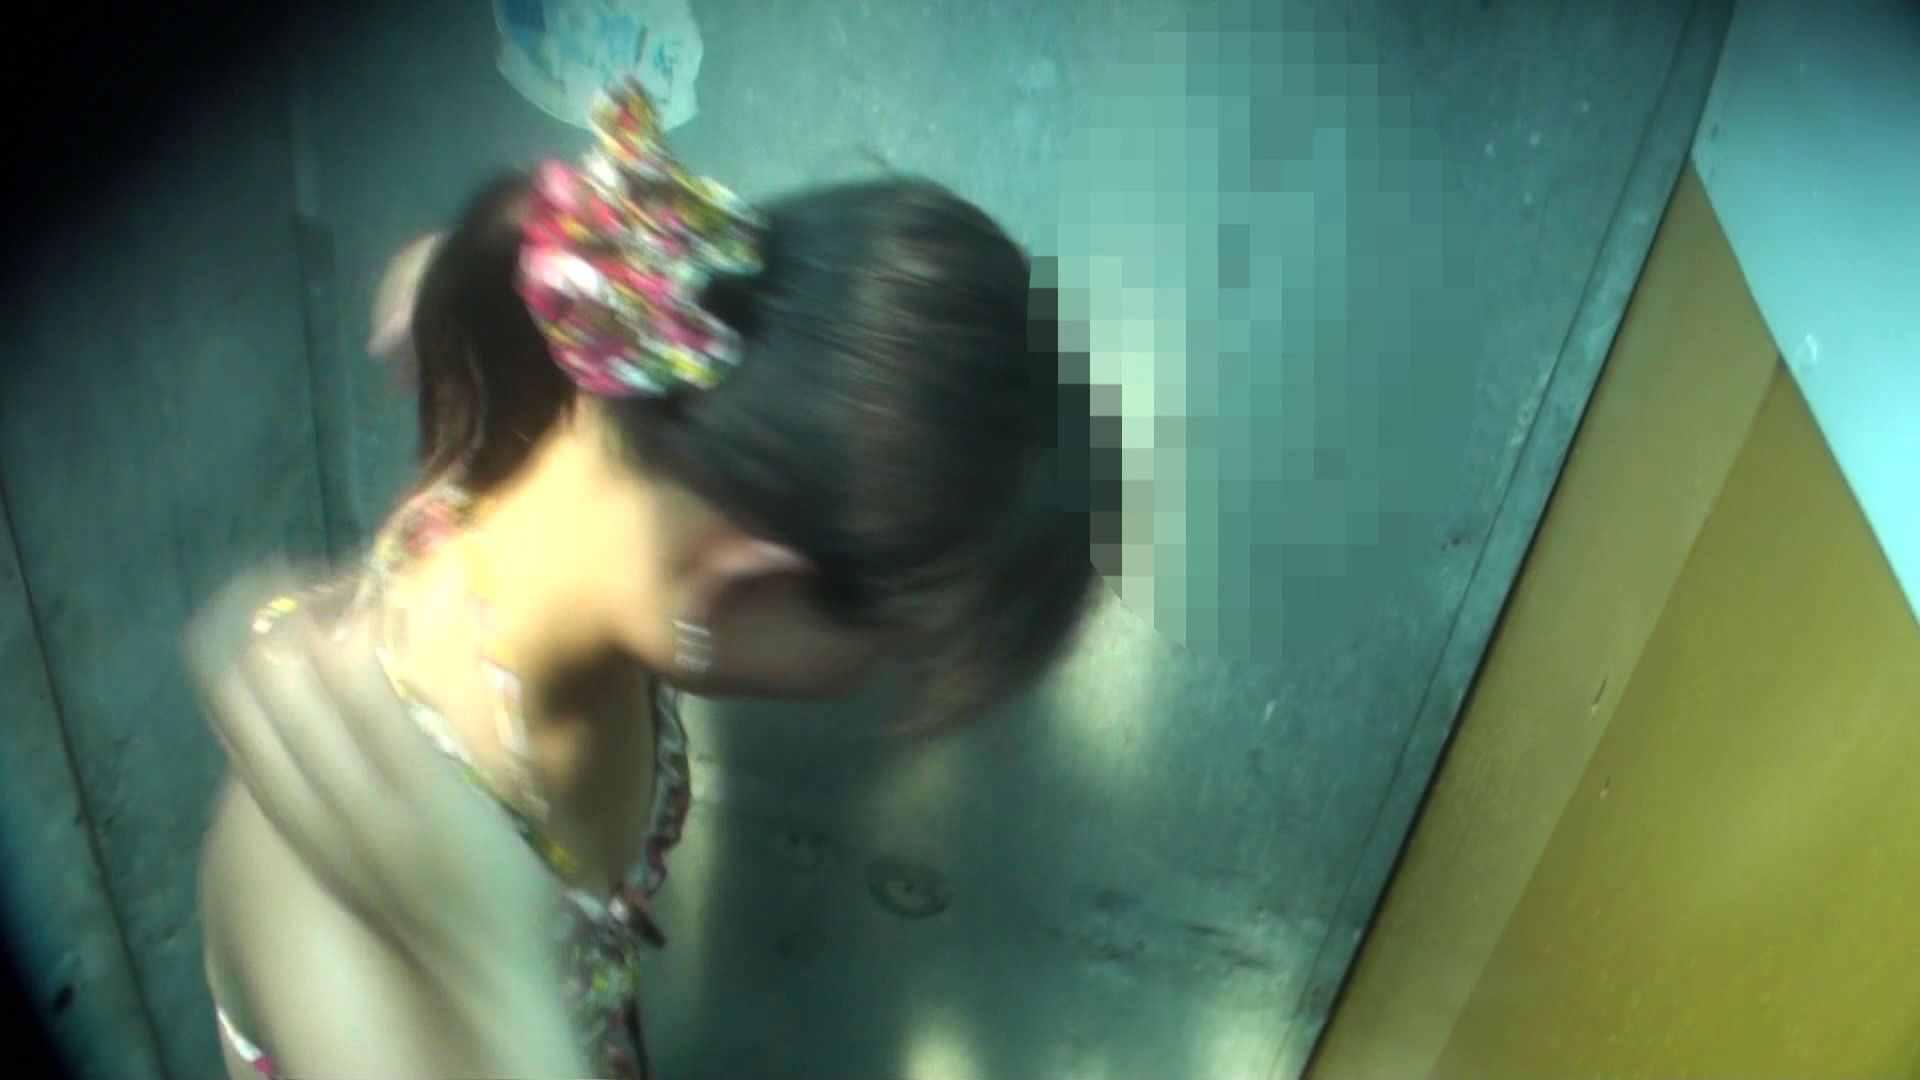 シャワールームは超!!危険な香りVol.16 意外に乳首は年増のそれ シャワー おめこ無修正動画無料 108画像 79